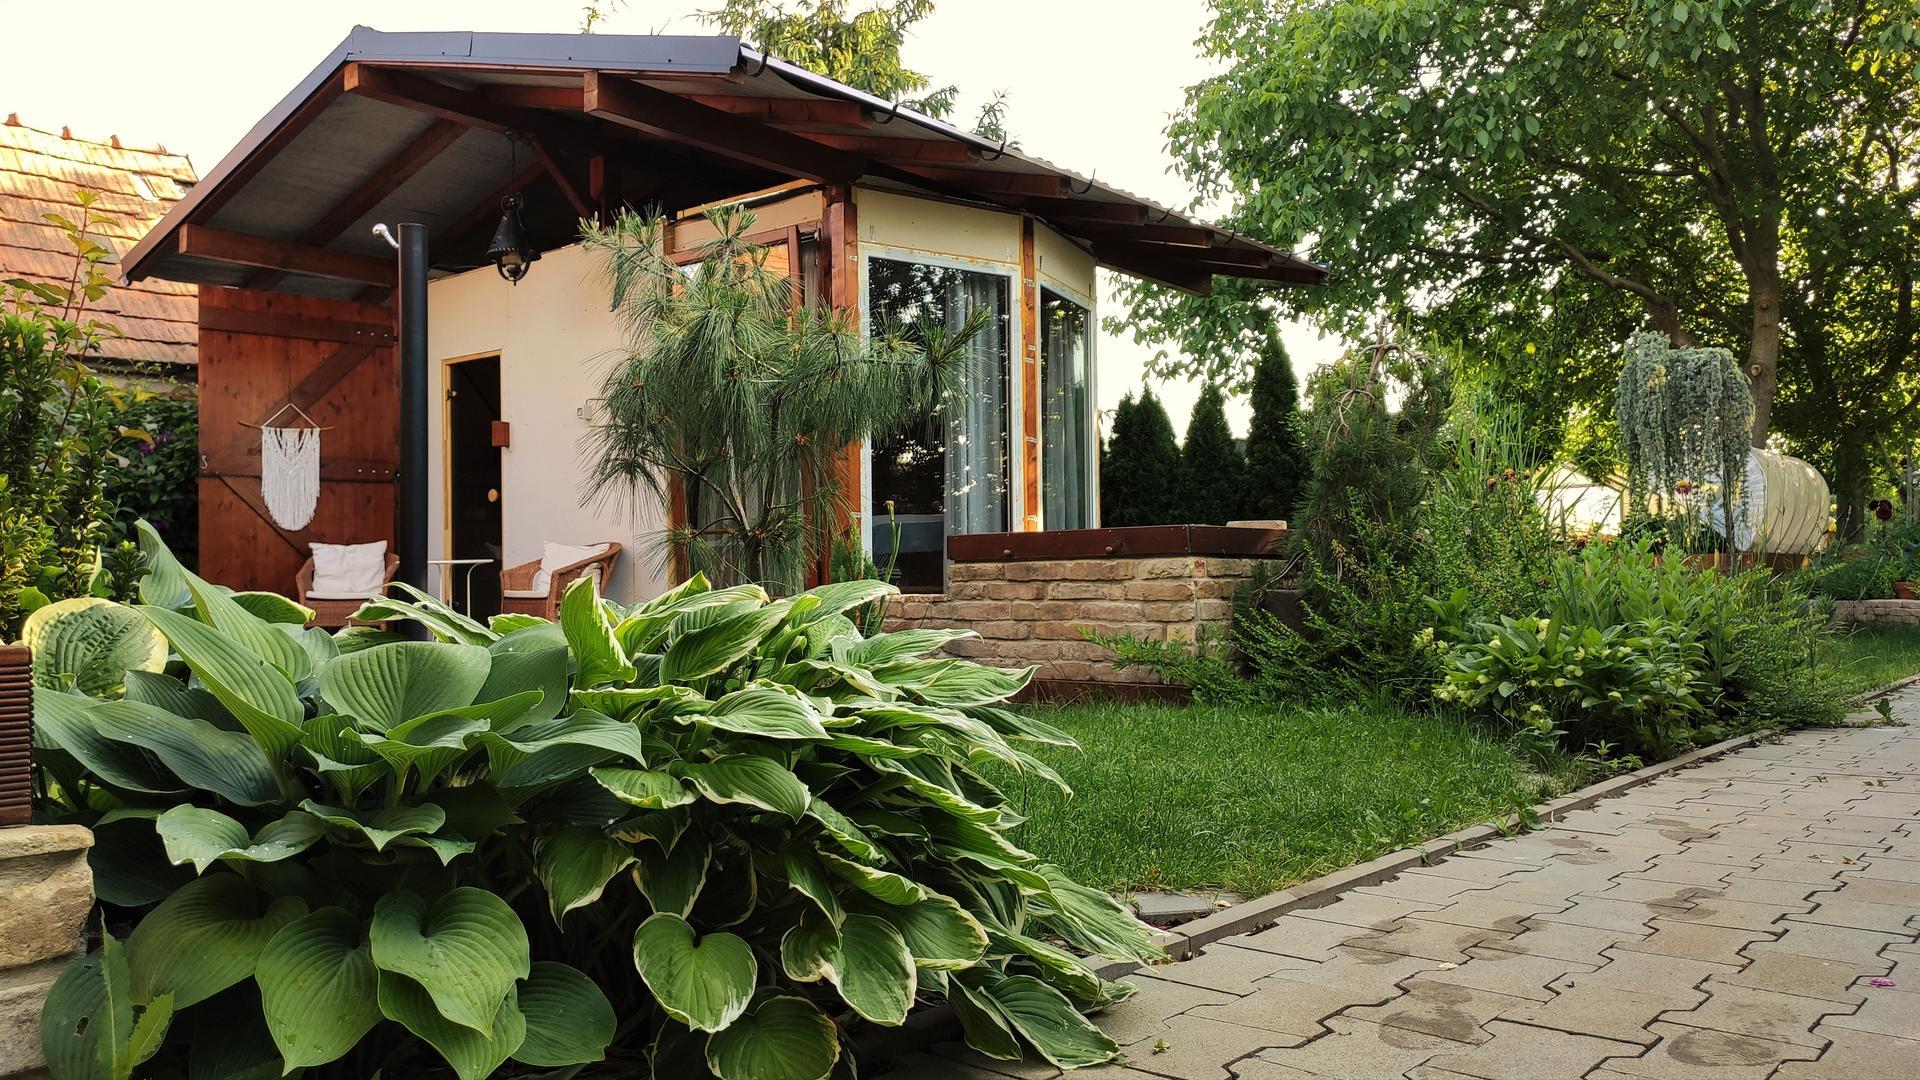 Relaxačný domček sauna a oddychová miestnosť ... plány, príprava a realizácia - Obrázok č. 248